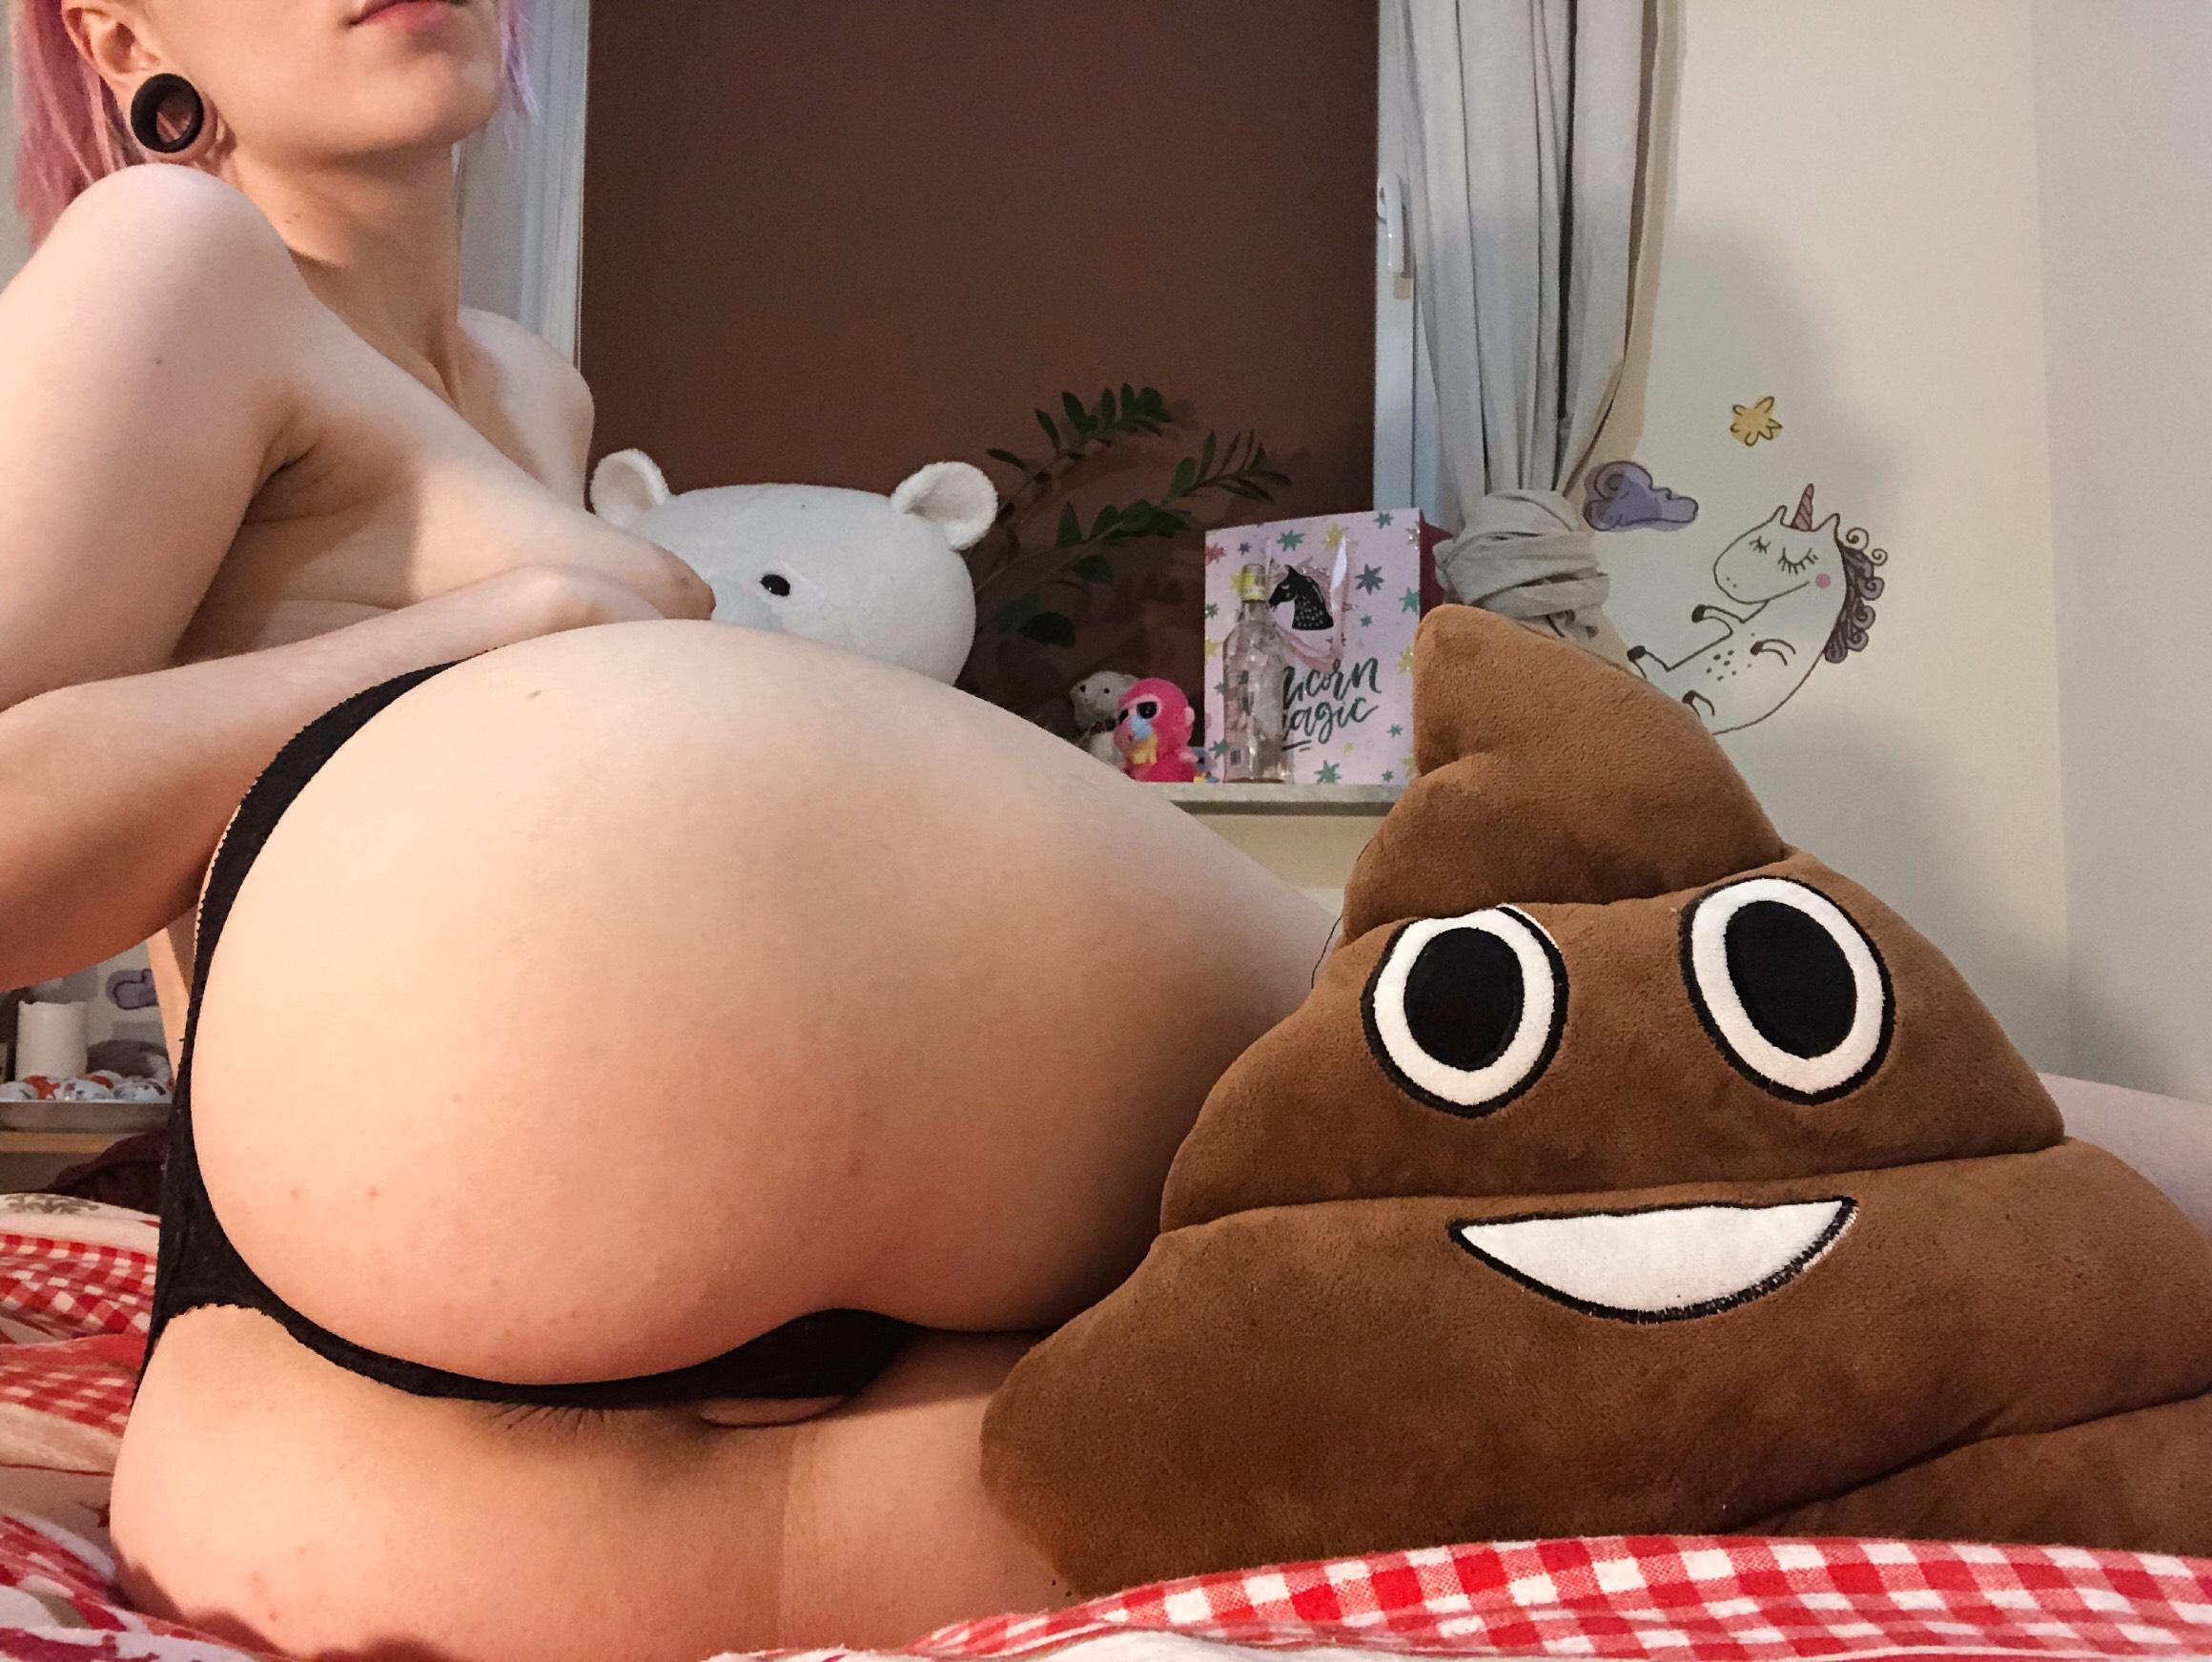 Sexy cam 4